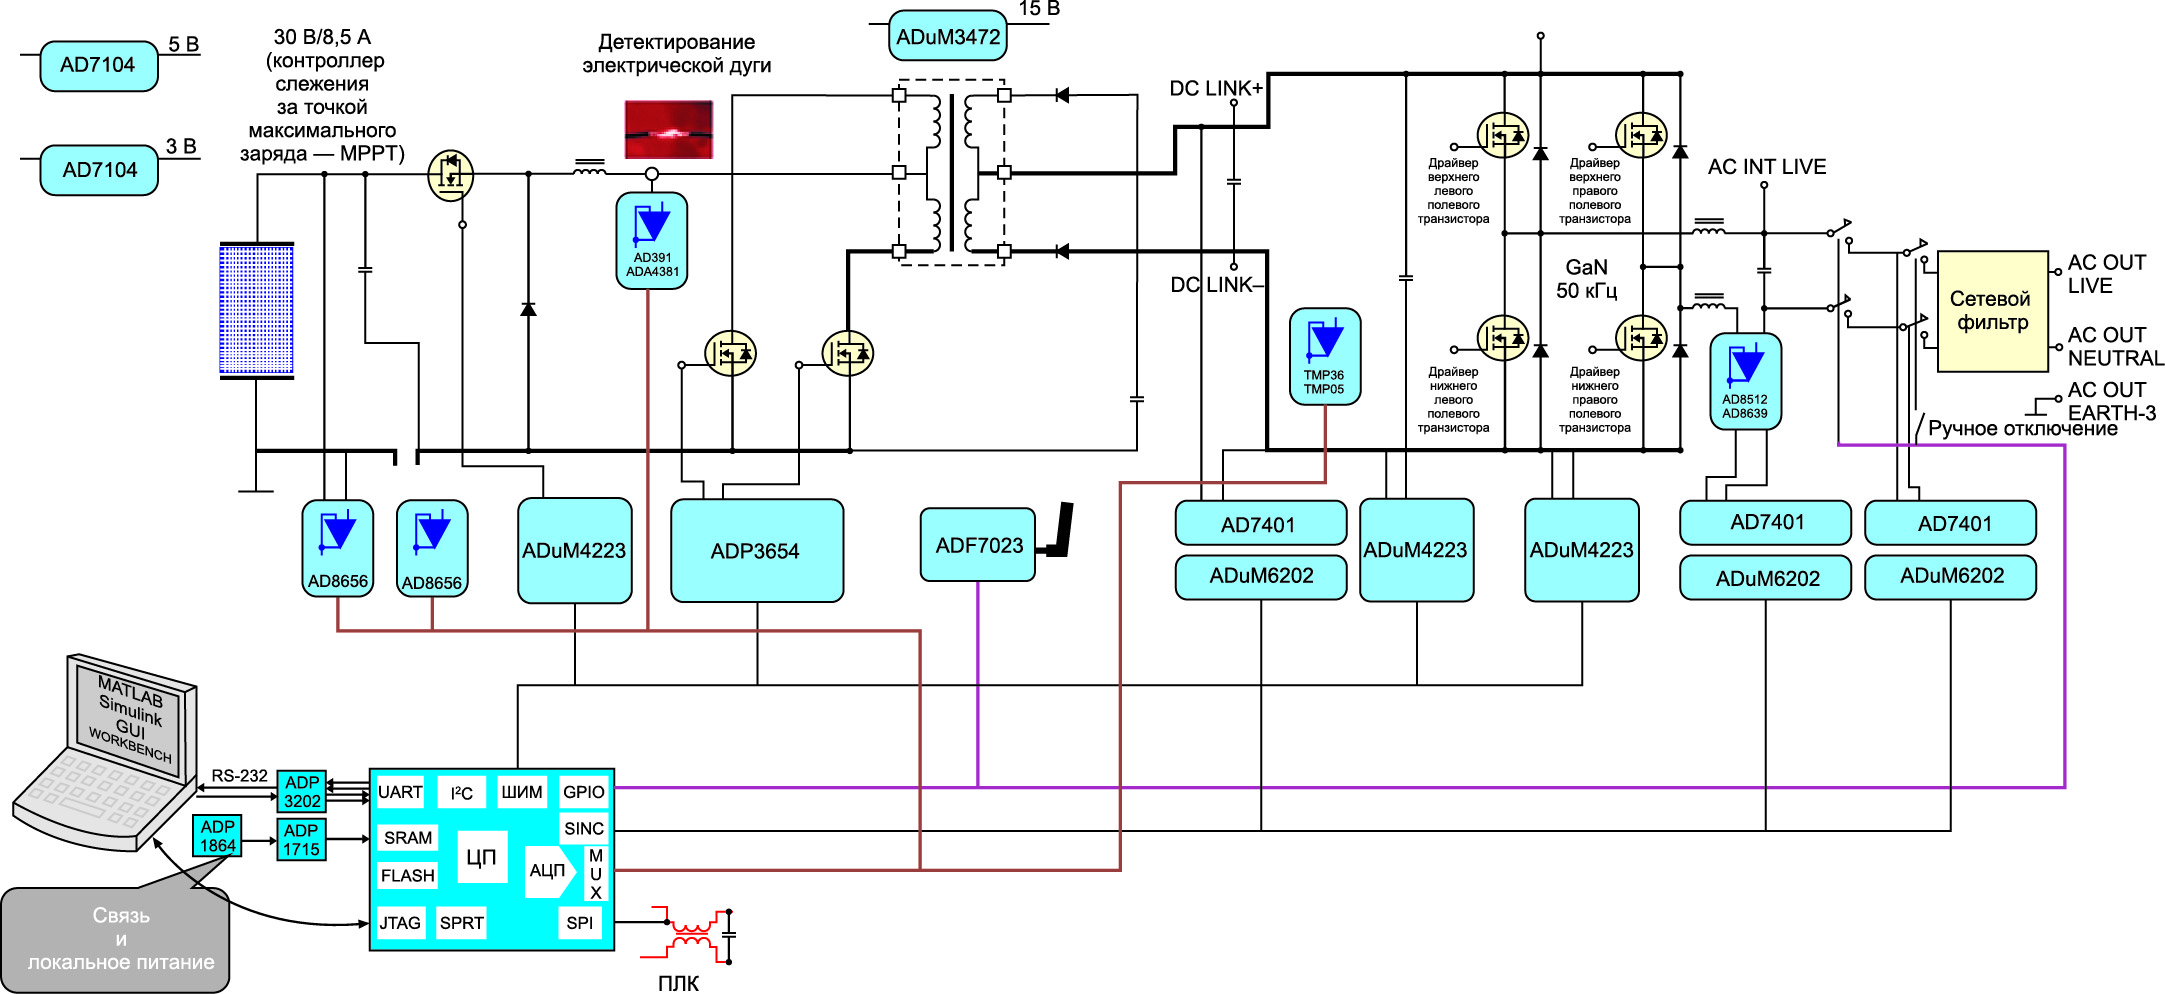 Сигнальная цепочка инвертра фотоэлектрической солнечной панели на базе компонентов Analog Devices